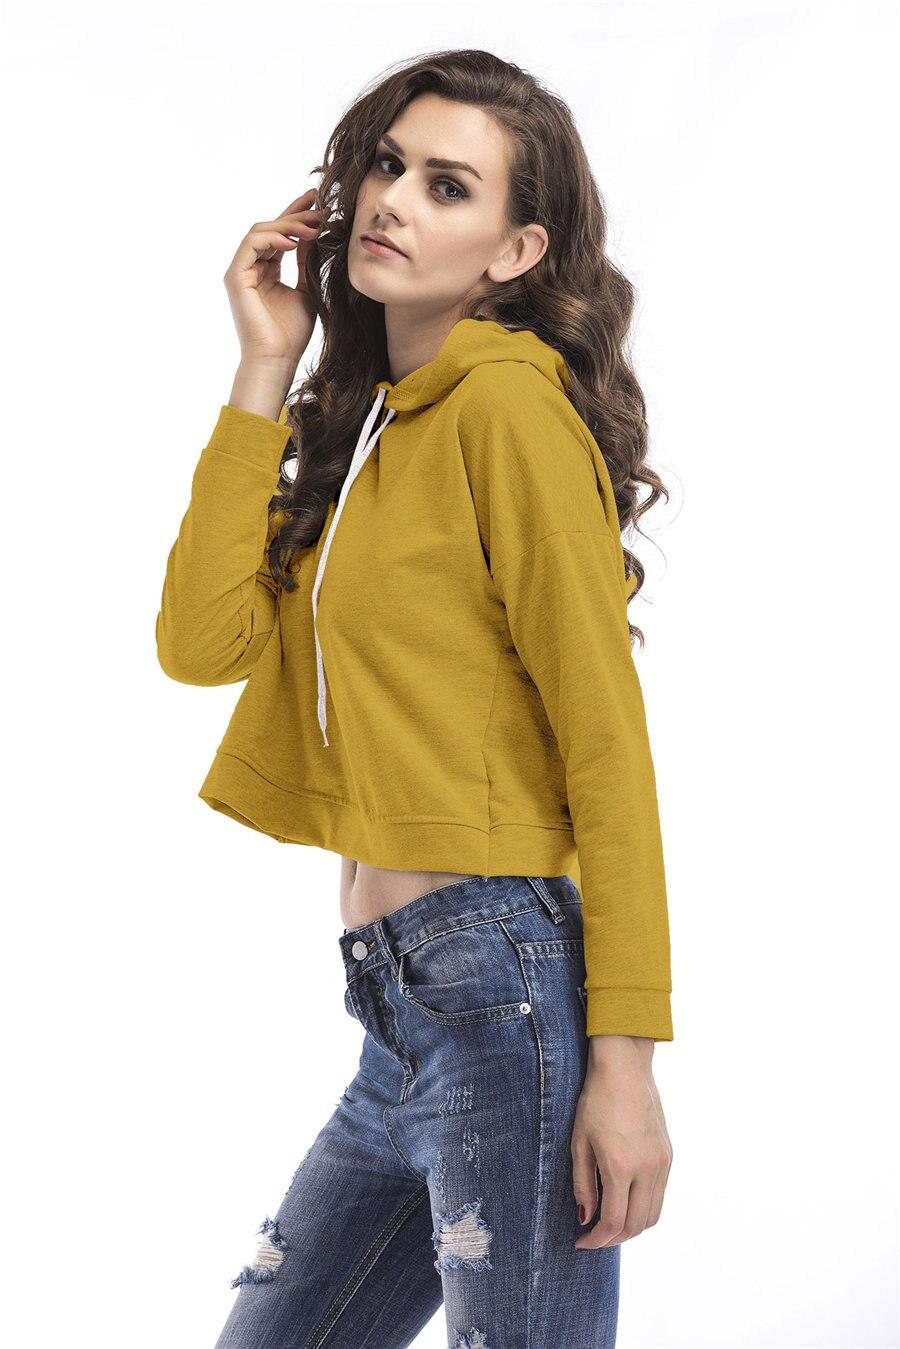 Gladiolus Spring Hooded Hoodies Women Long Sleeve Sexy Crop Top 2019 Short Slim Sweatshirt Women Loose Pullover Tracksuit Tops (13)